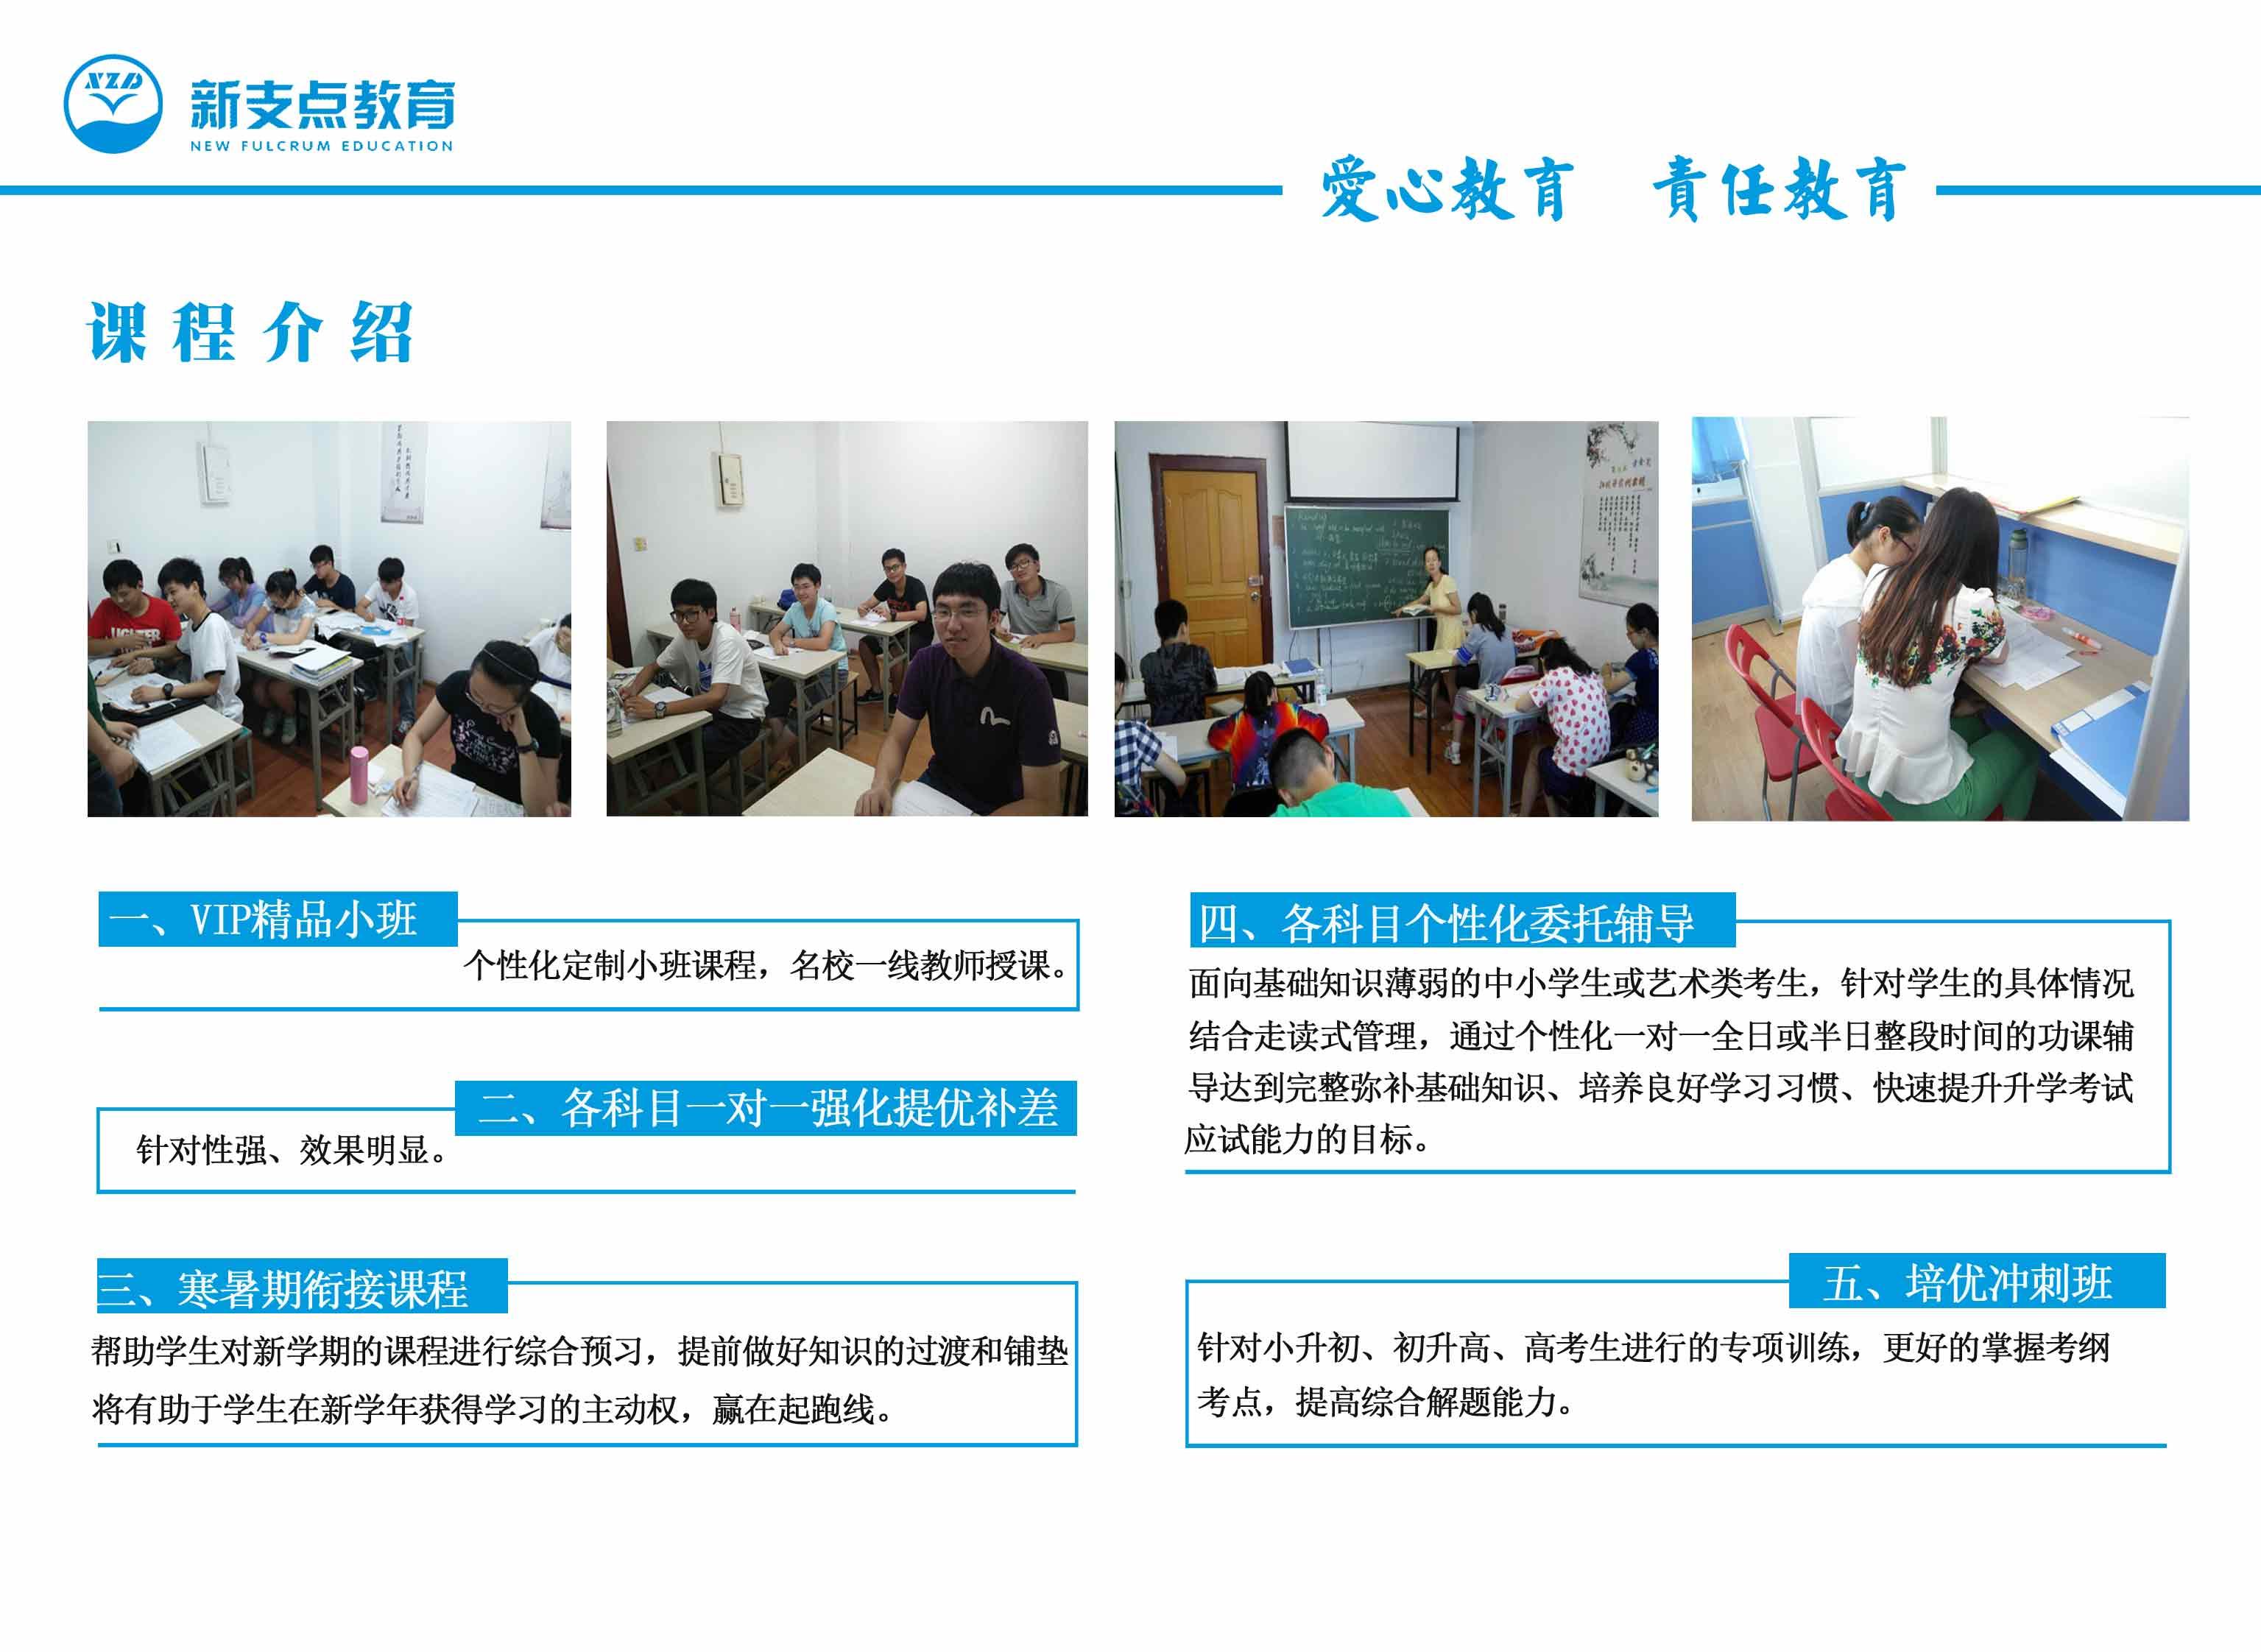 龙岩支点教育培训学校 - 职位列表 - 龙岩人才网